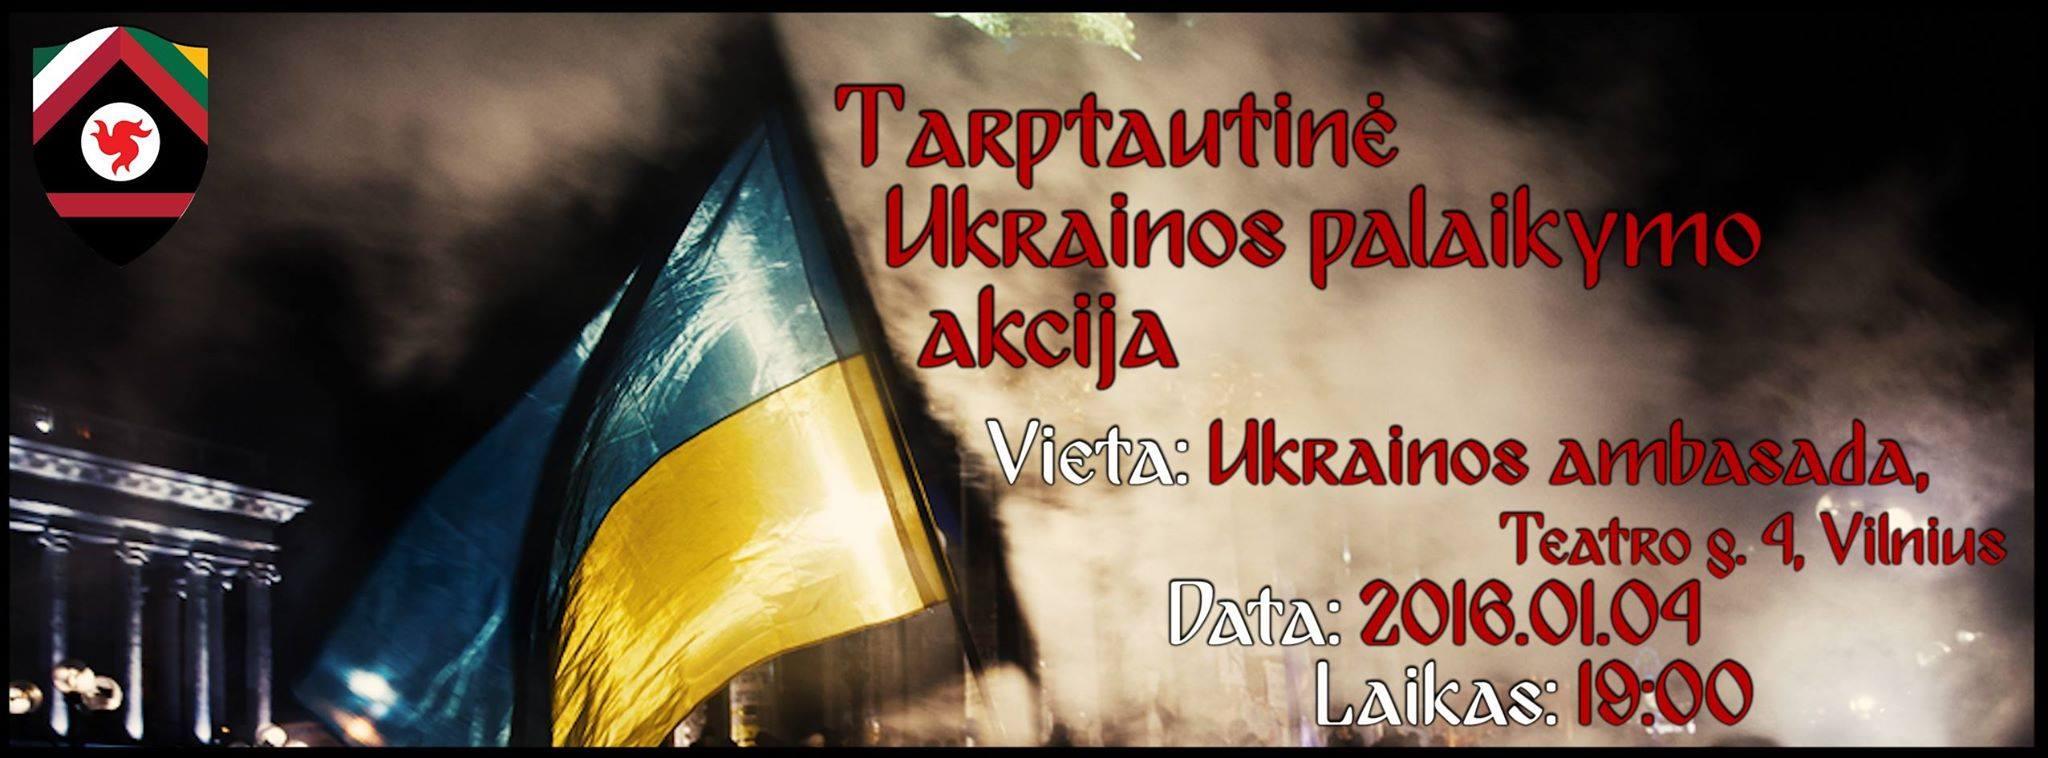 Tarptautinė Ukrainos palaikymo akcija